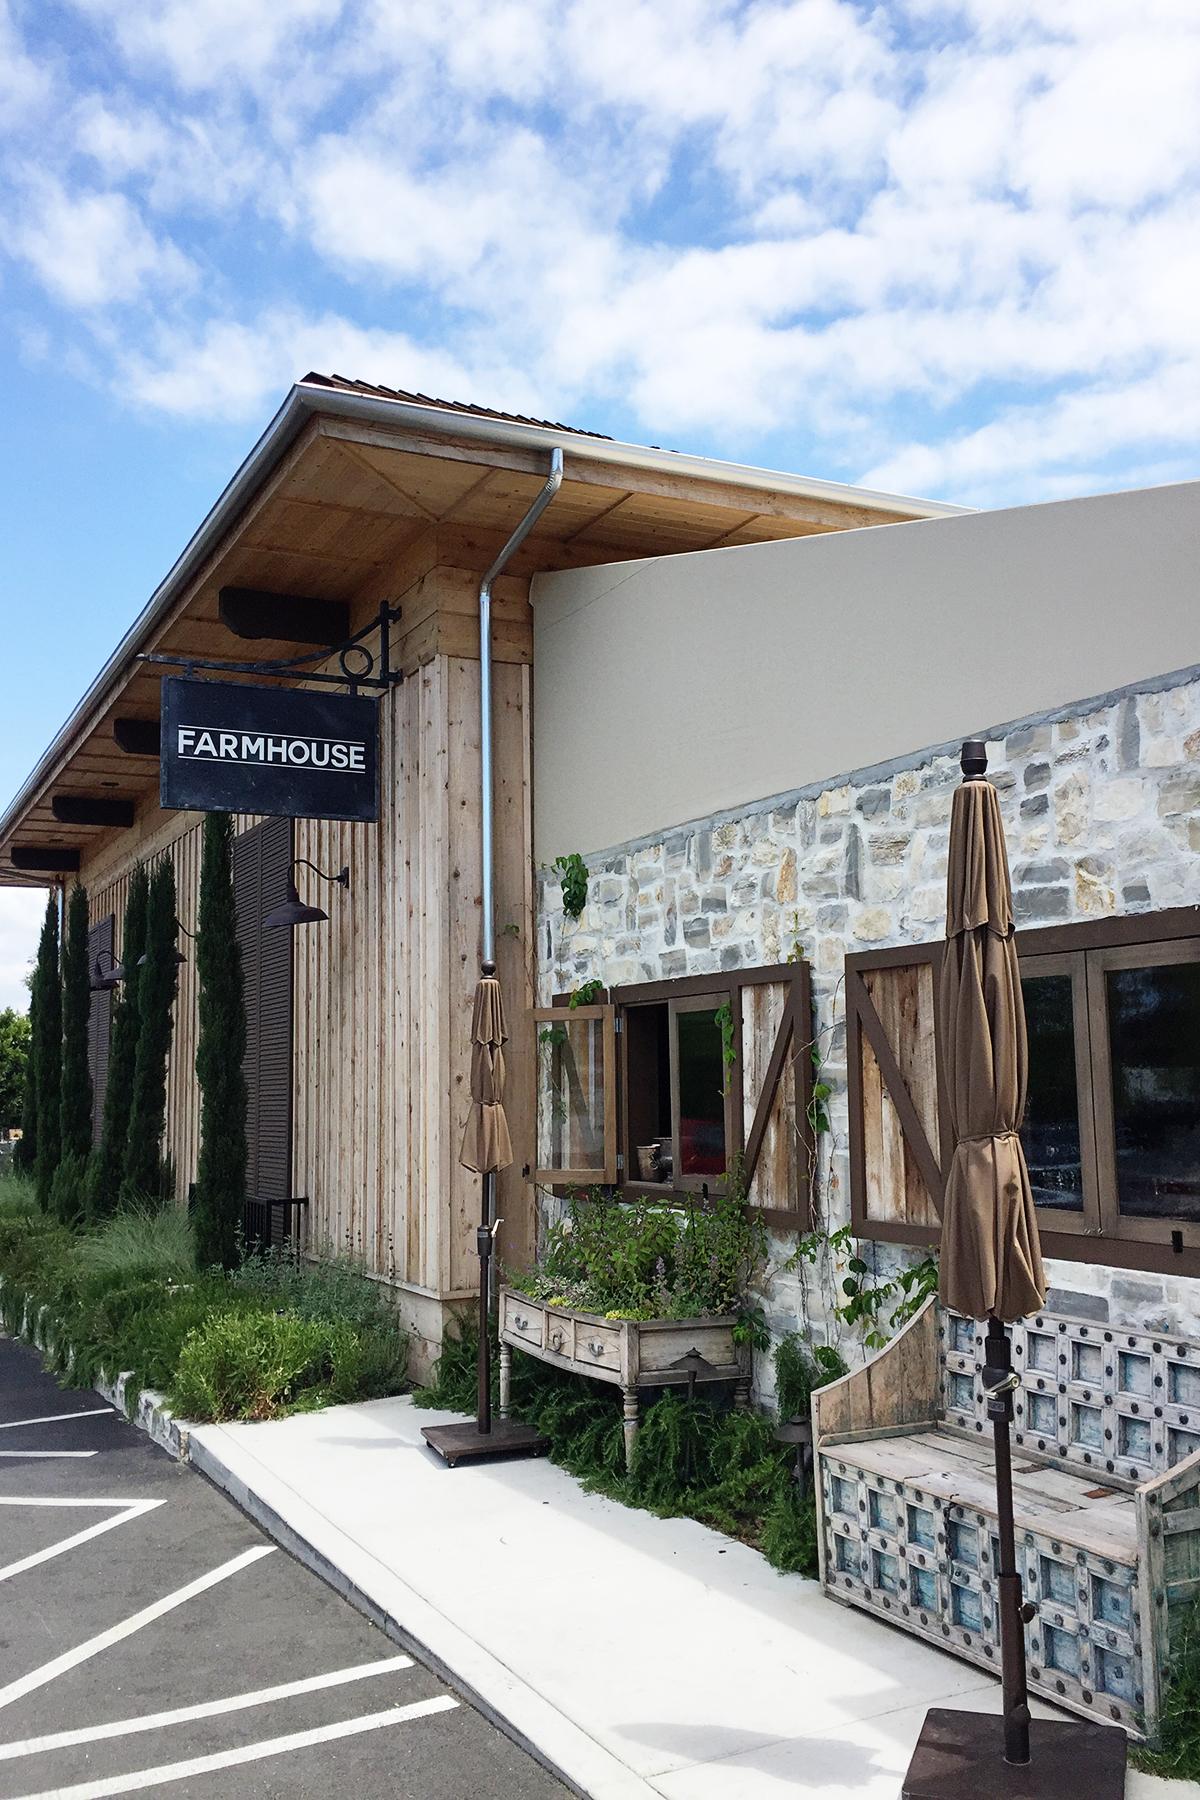 Farmhouse newport beach